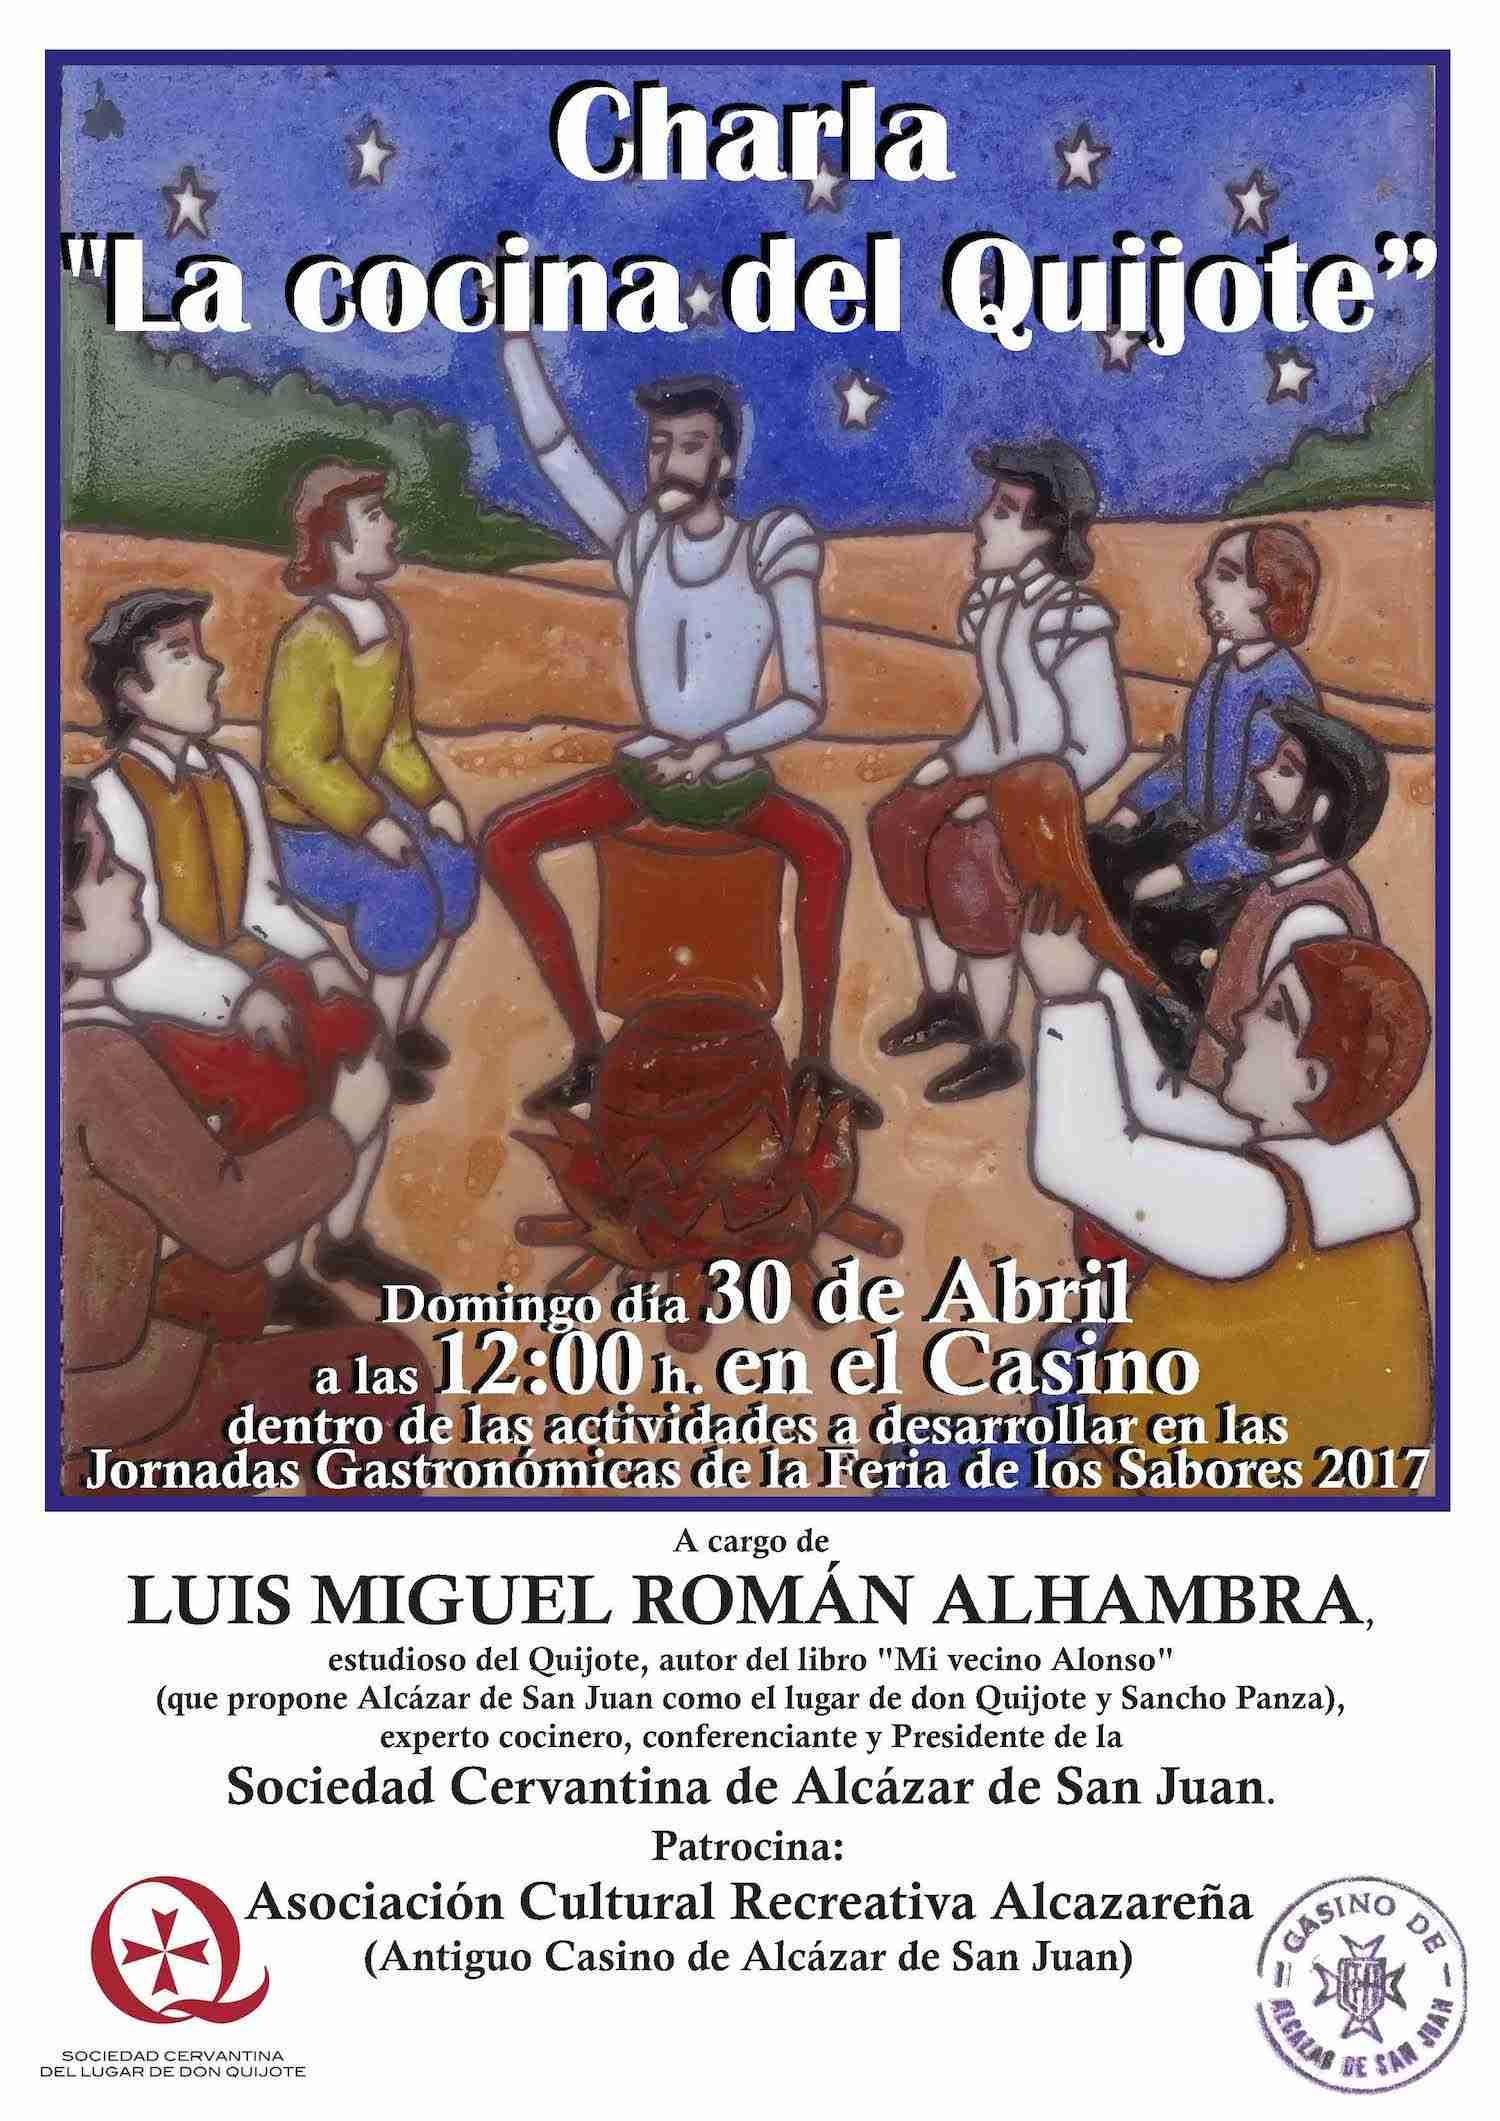 Luis Miguel Román Alhambra habla sobre La cocina del Quijote